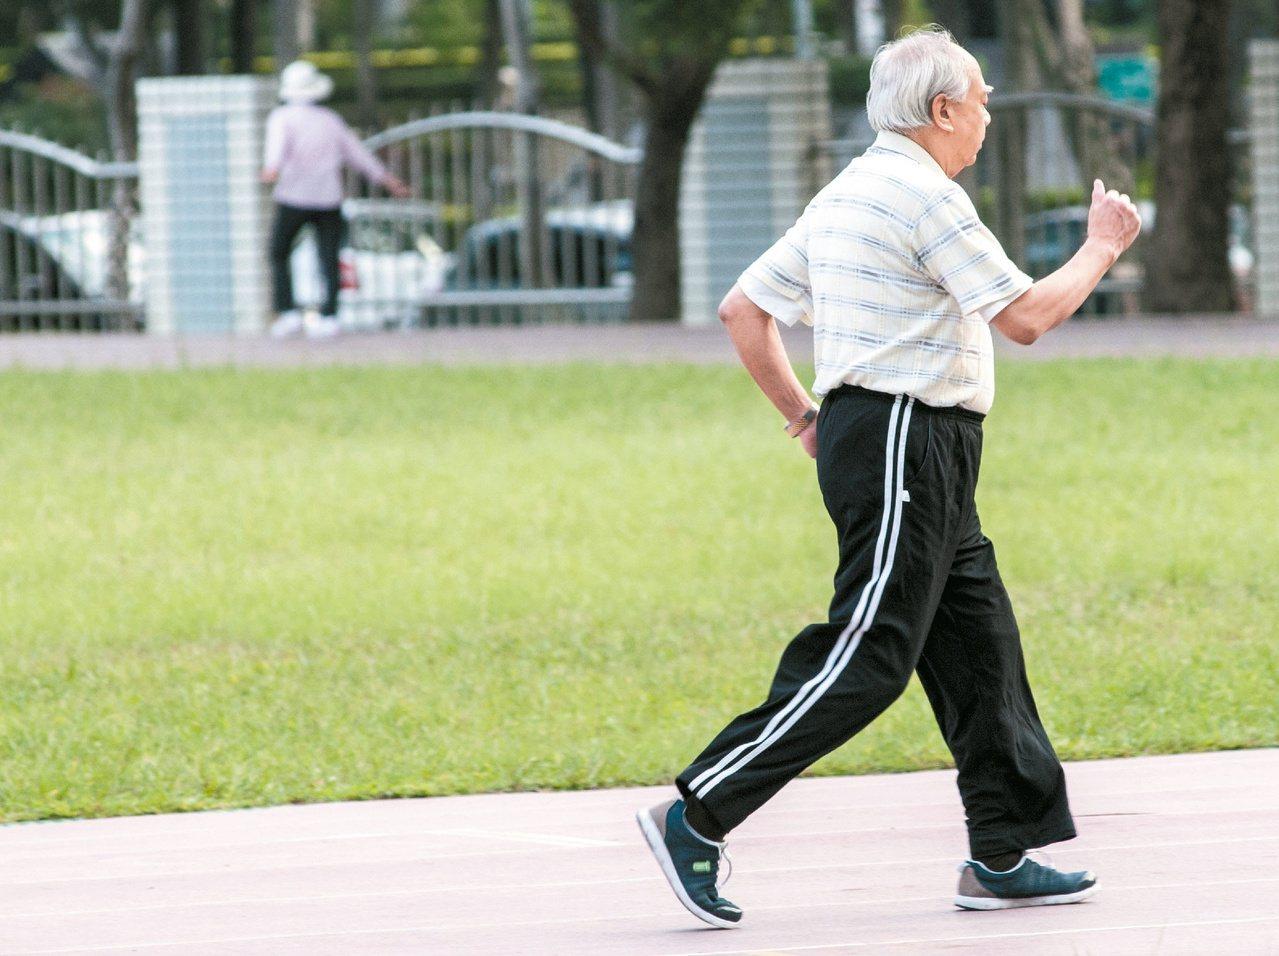 走路是最簡單的運動,了解自己適合的速度,才能真正走出健康。本報資料照片